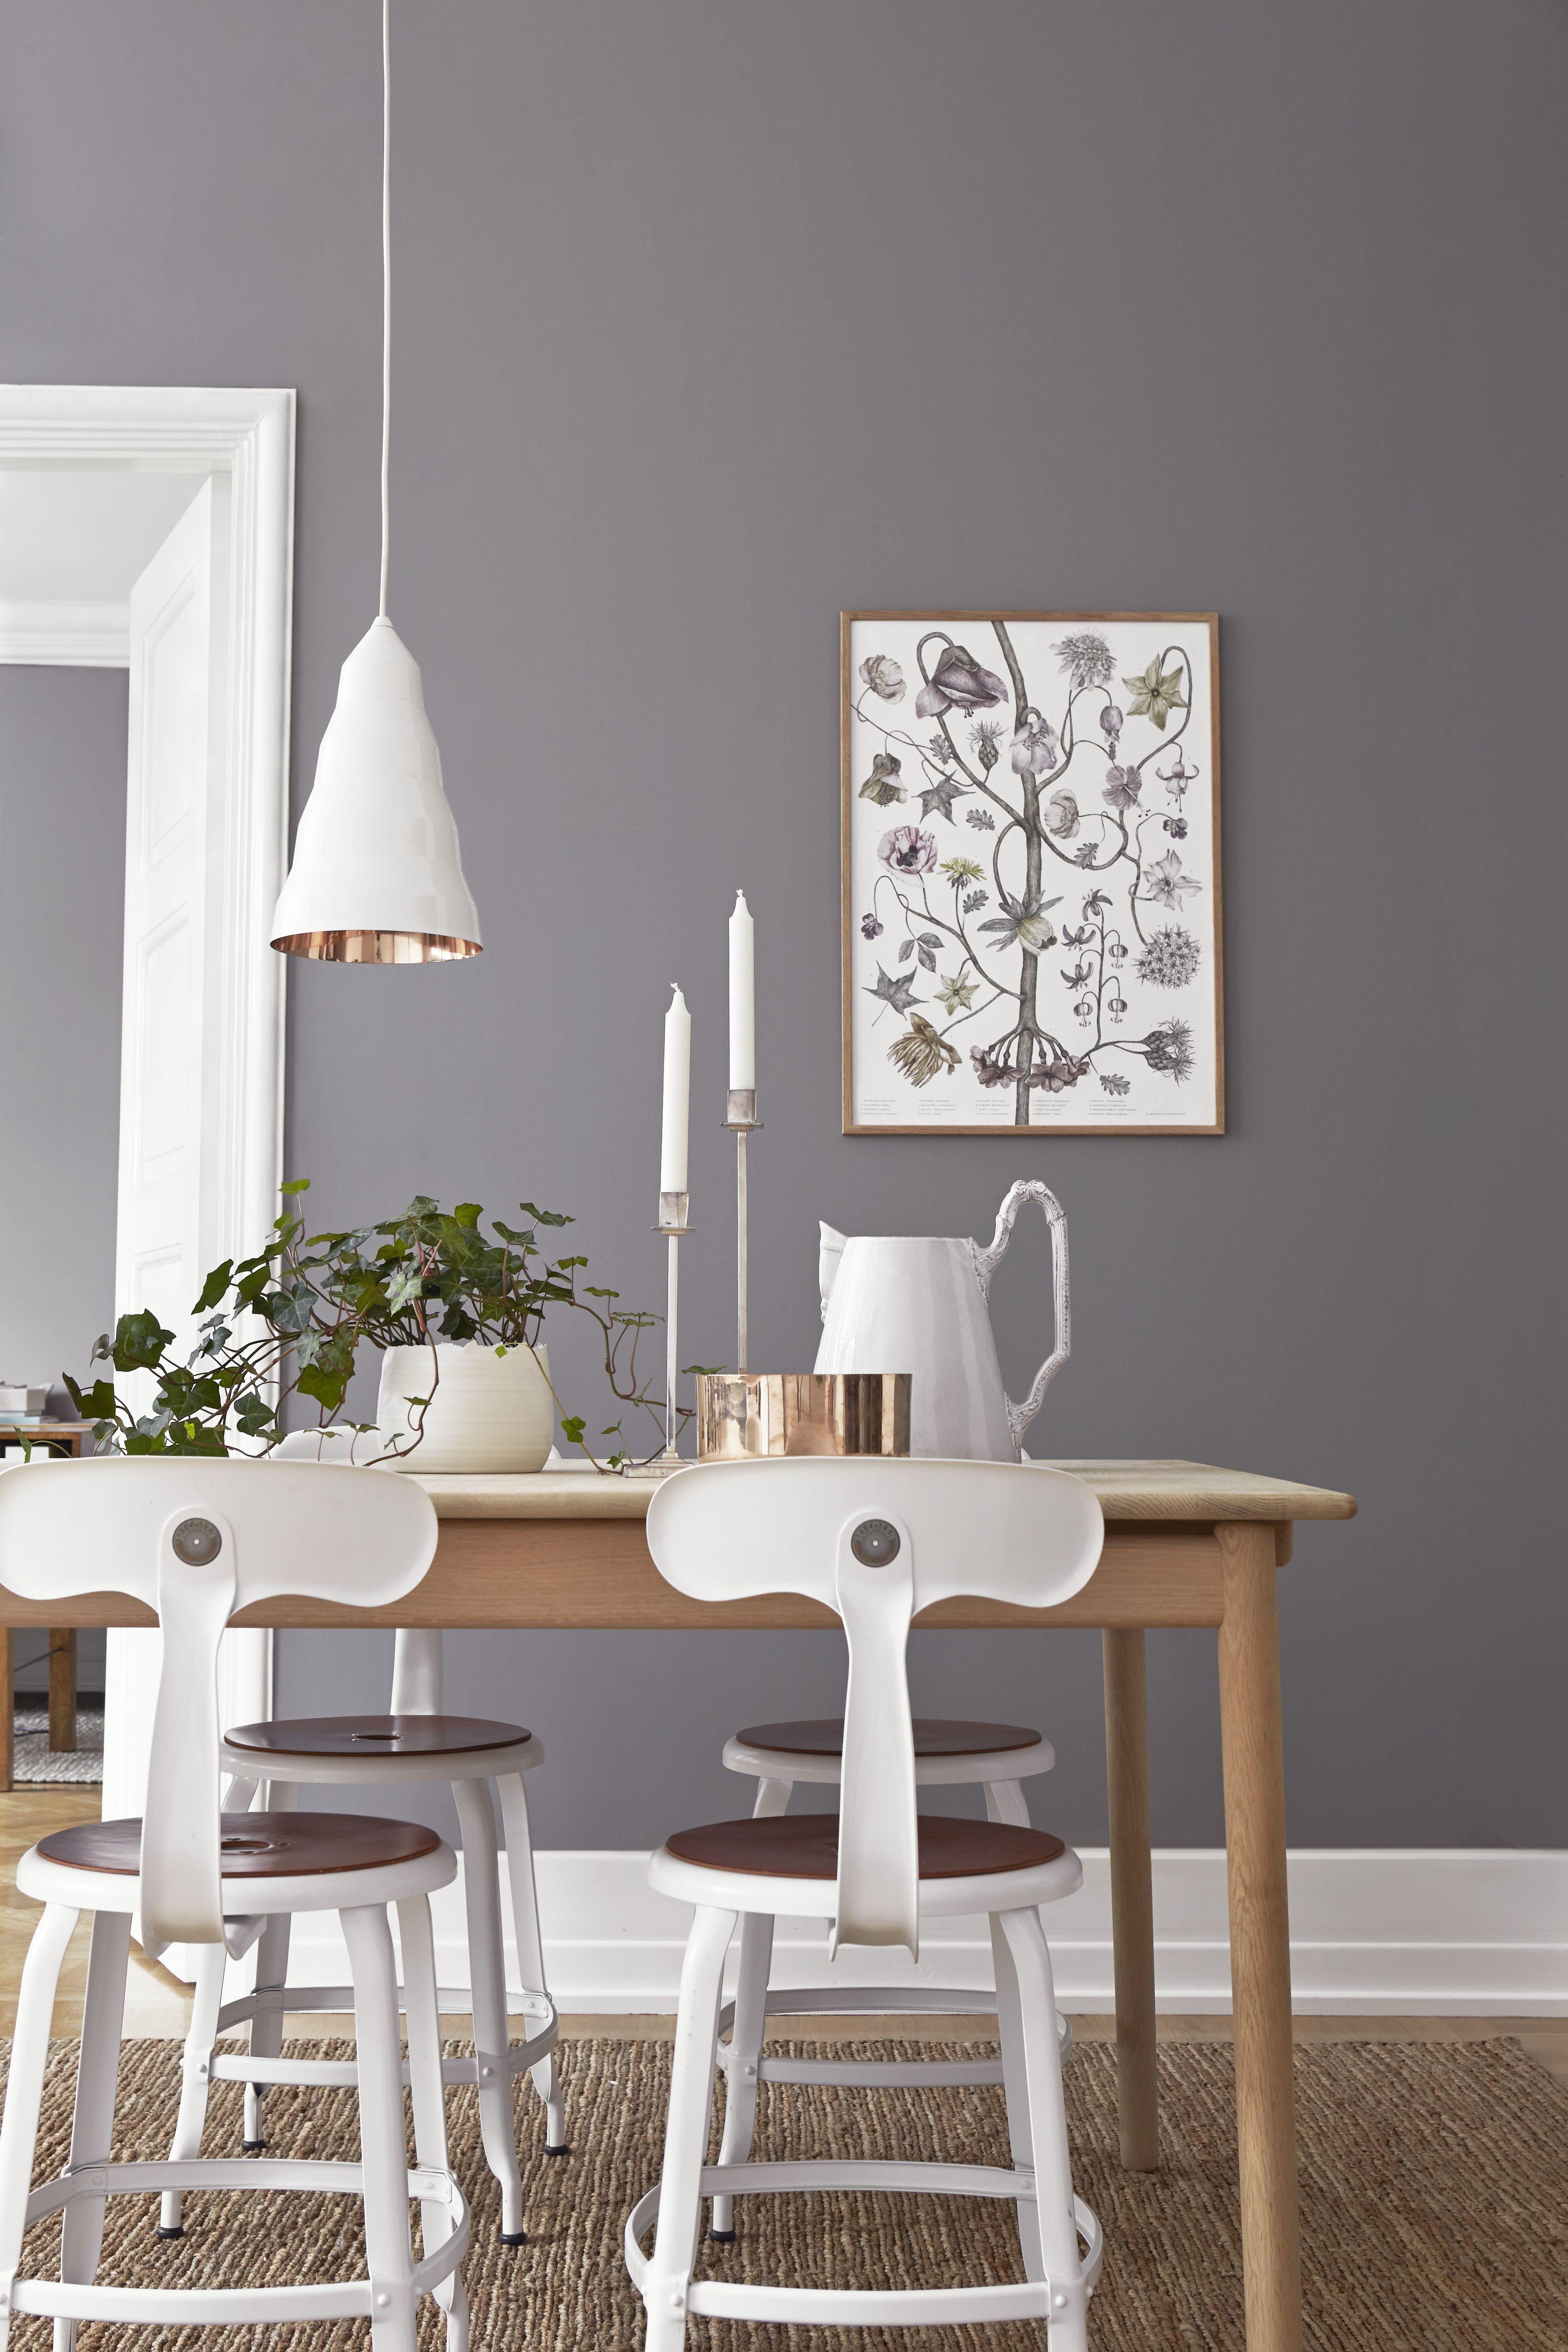 Graue Wandfarbe | Pinterest | Wandfarbe, Graue wände und Wände